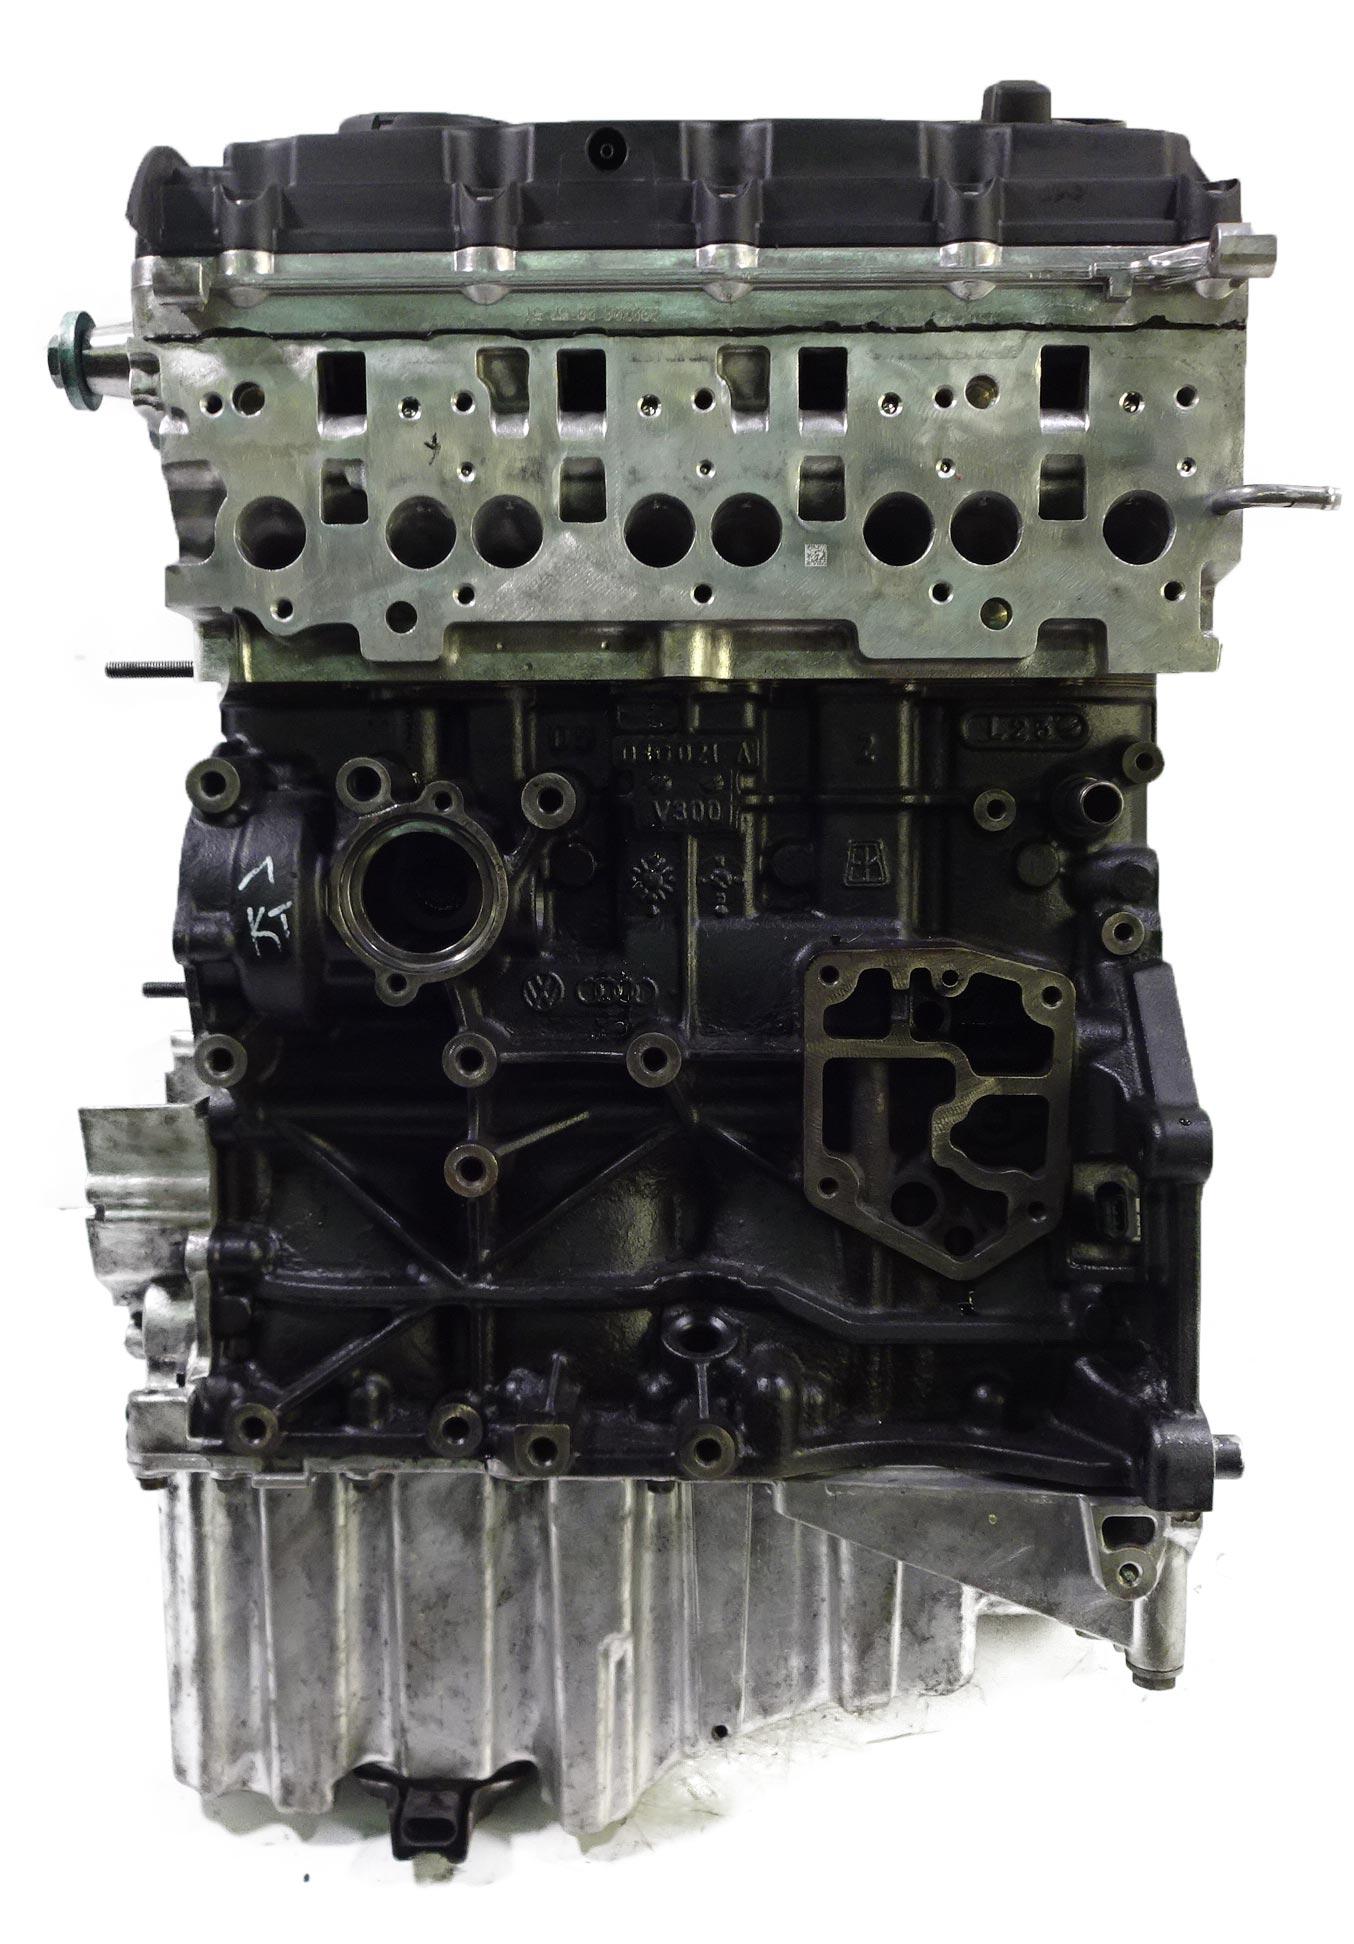 Motor 2006 Audi A4 8E A6 4F 2,0 TDI BRE KOPF GEPLANT DICHTUNG NEU